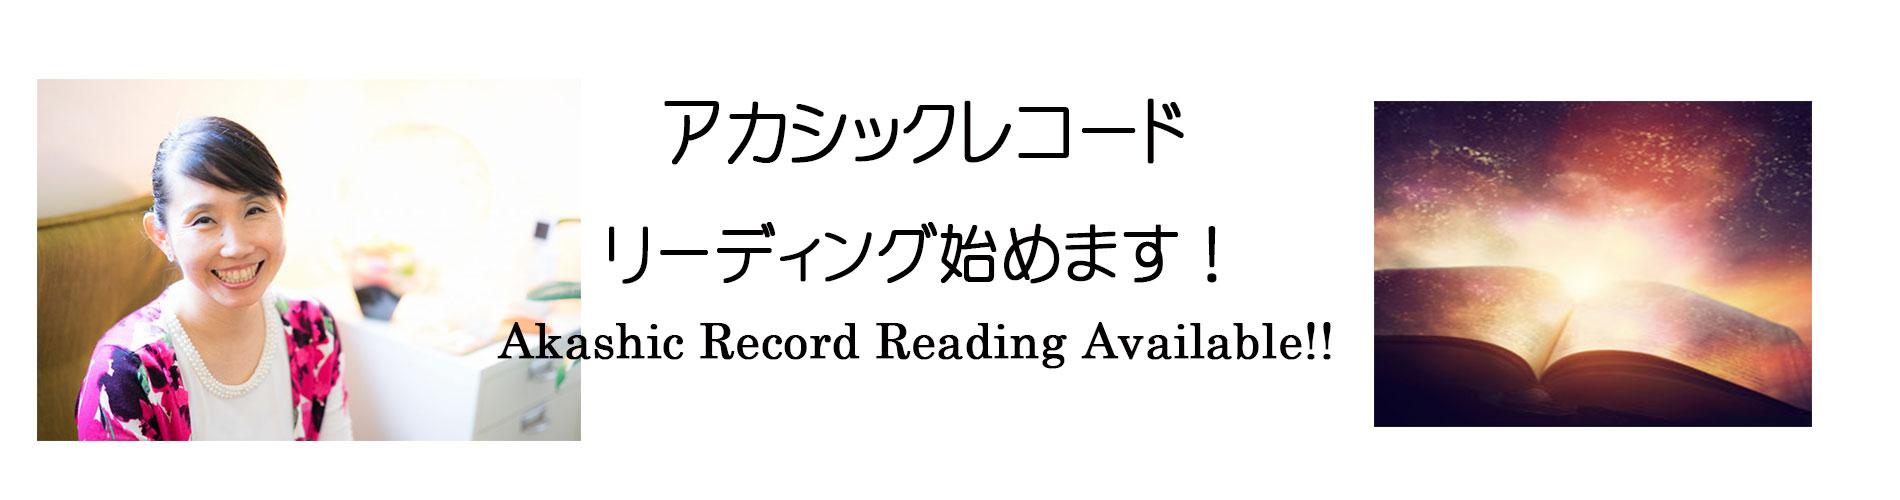 アカシックレコードリーディング始めます!